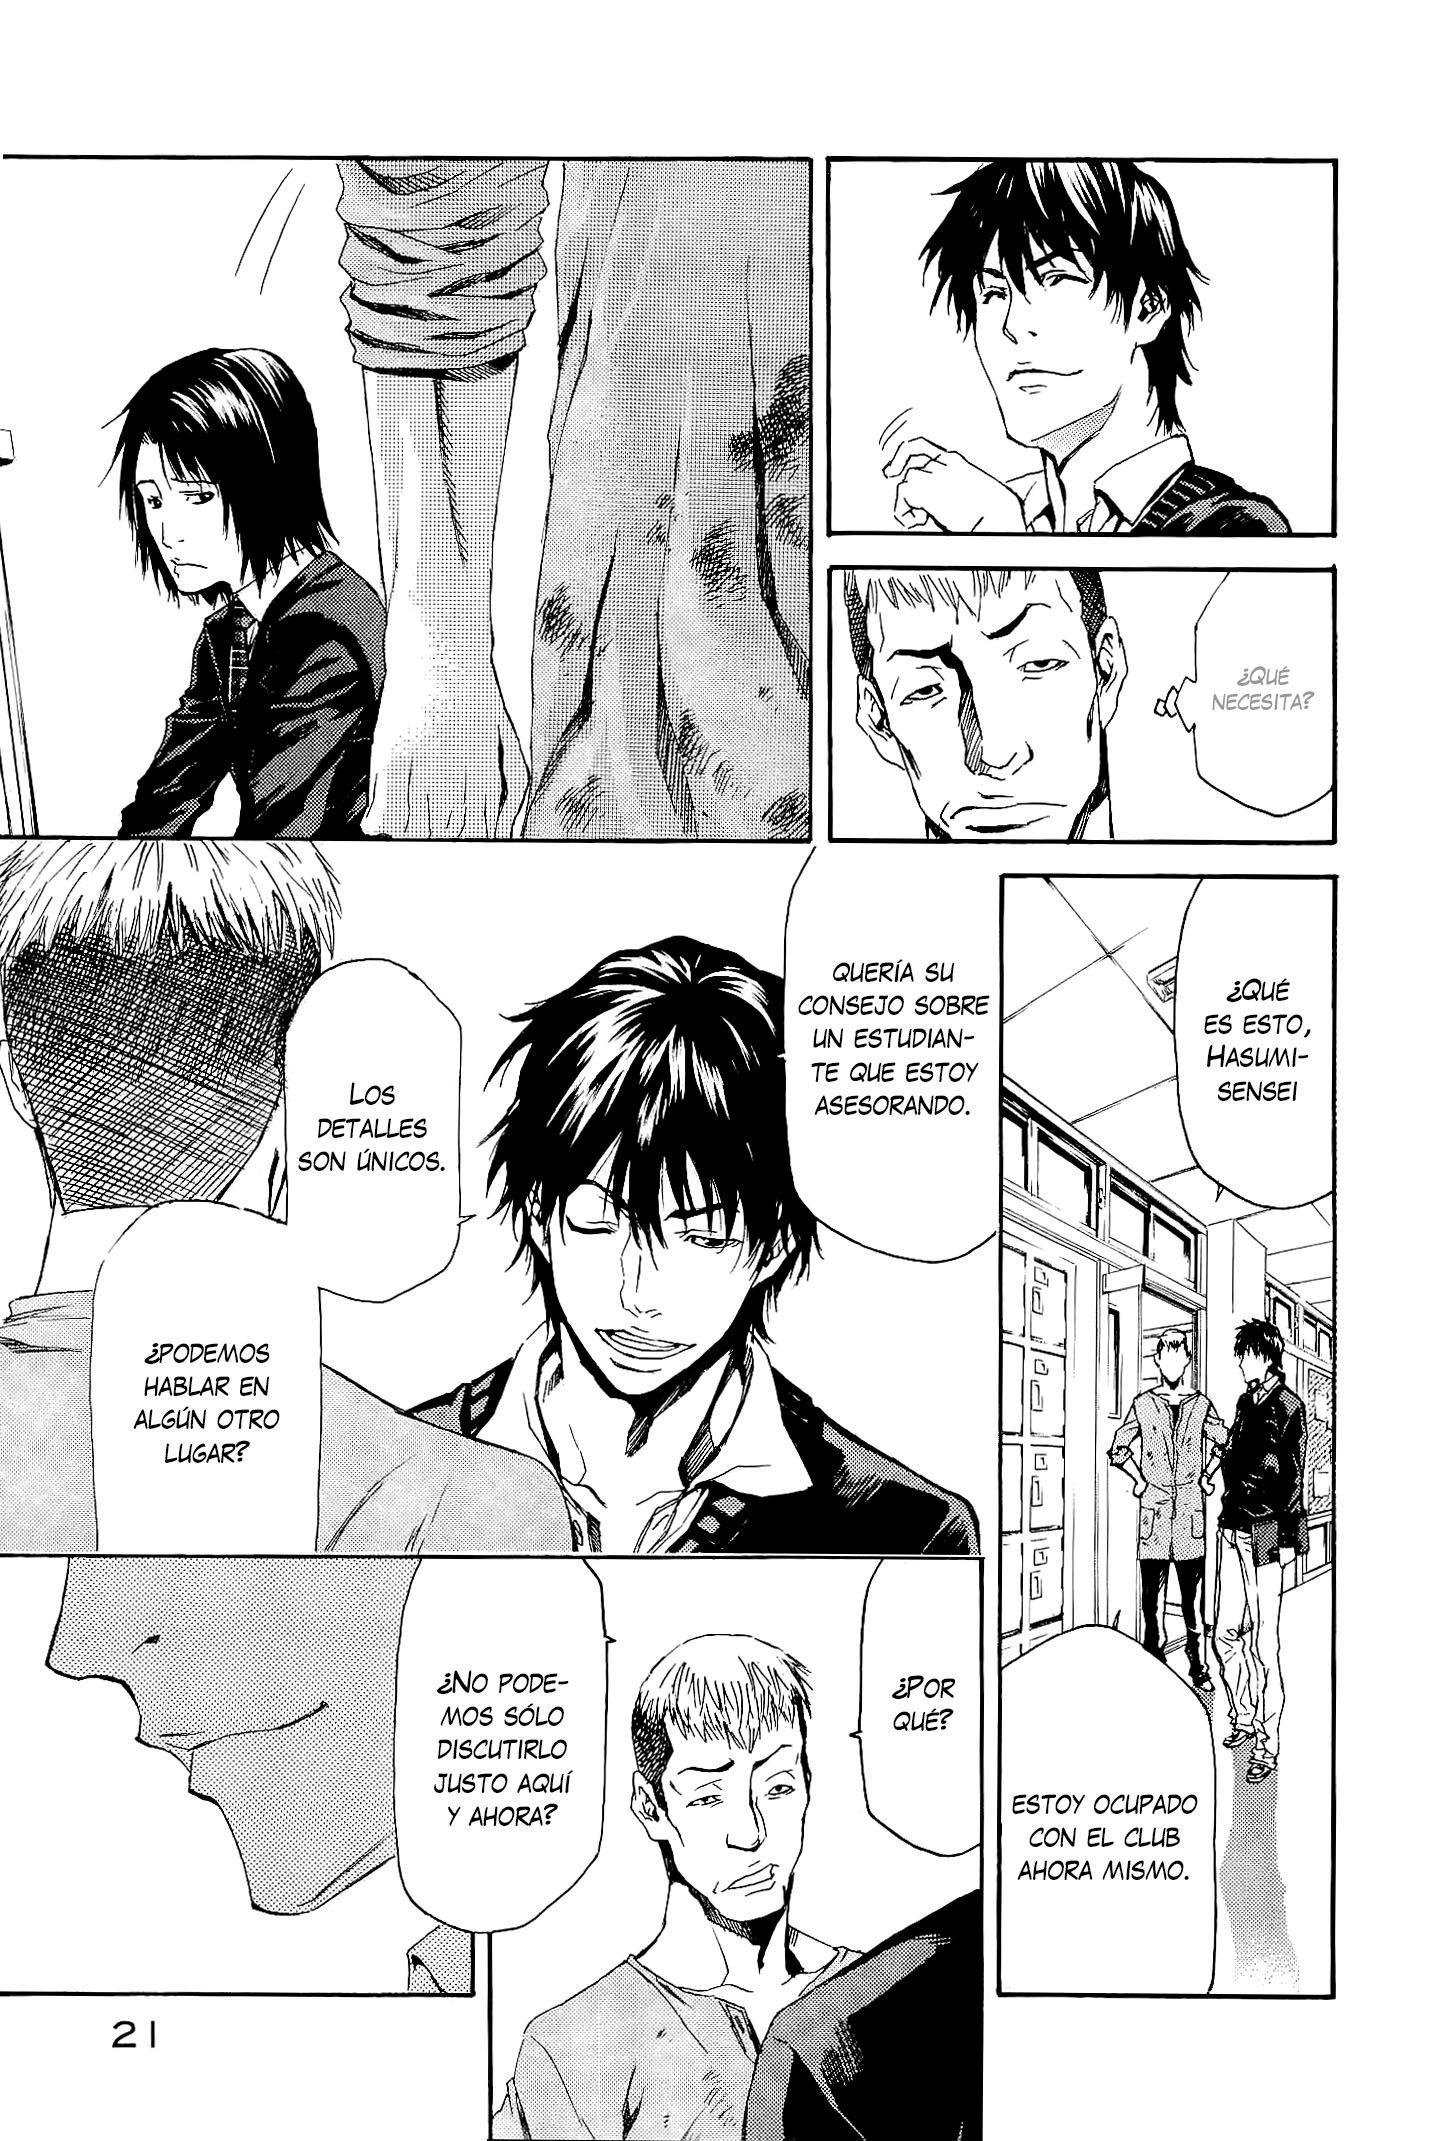 https://c5.ninemanga.com/es_manga/3/19523/468638/845236f968590a1f48768112acc1eda7.jpg Page 24